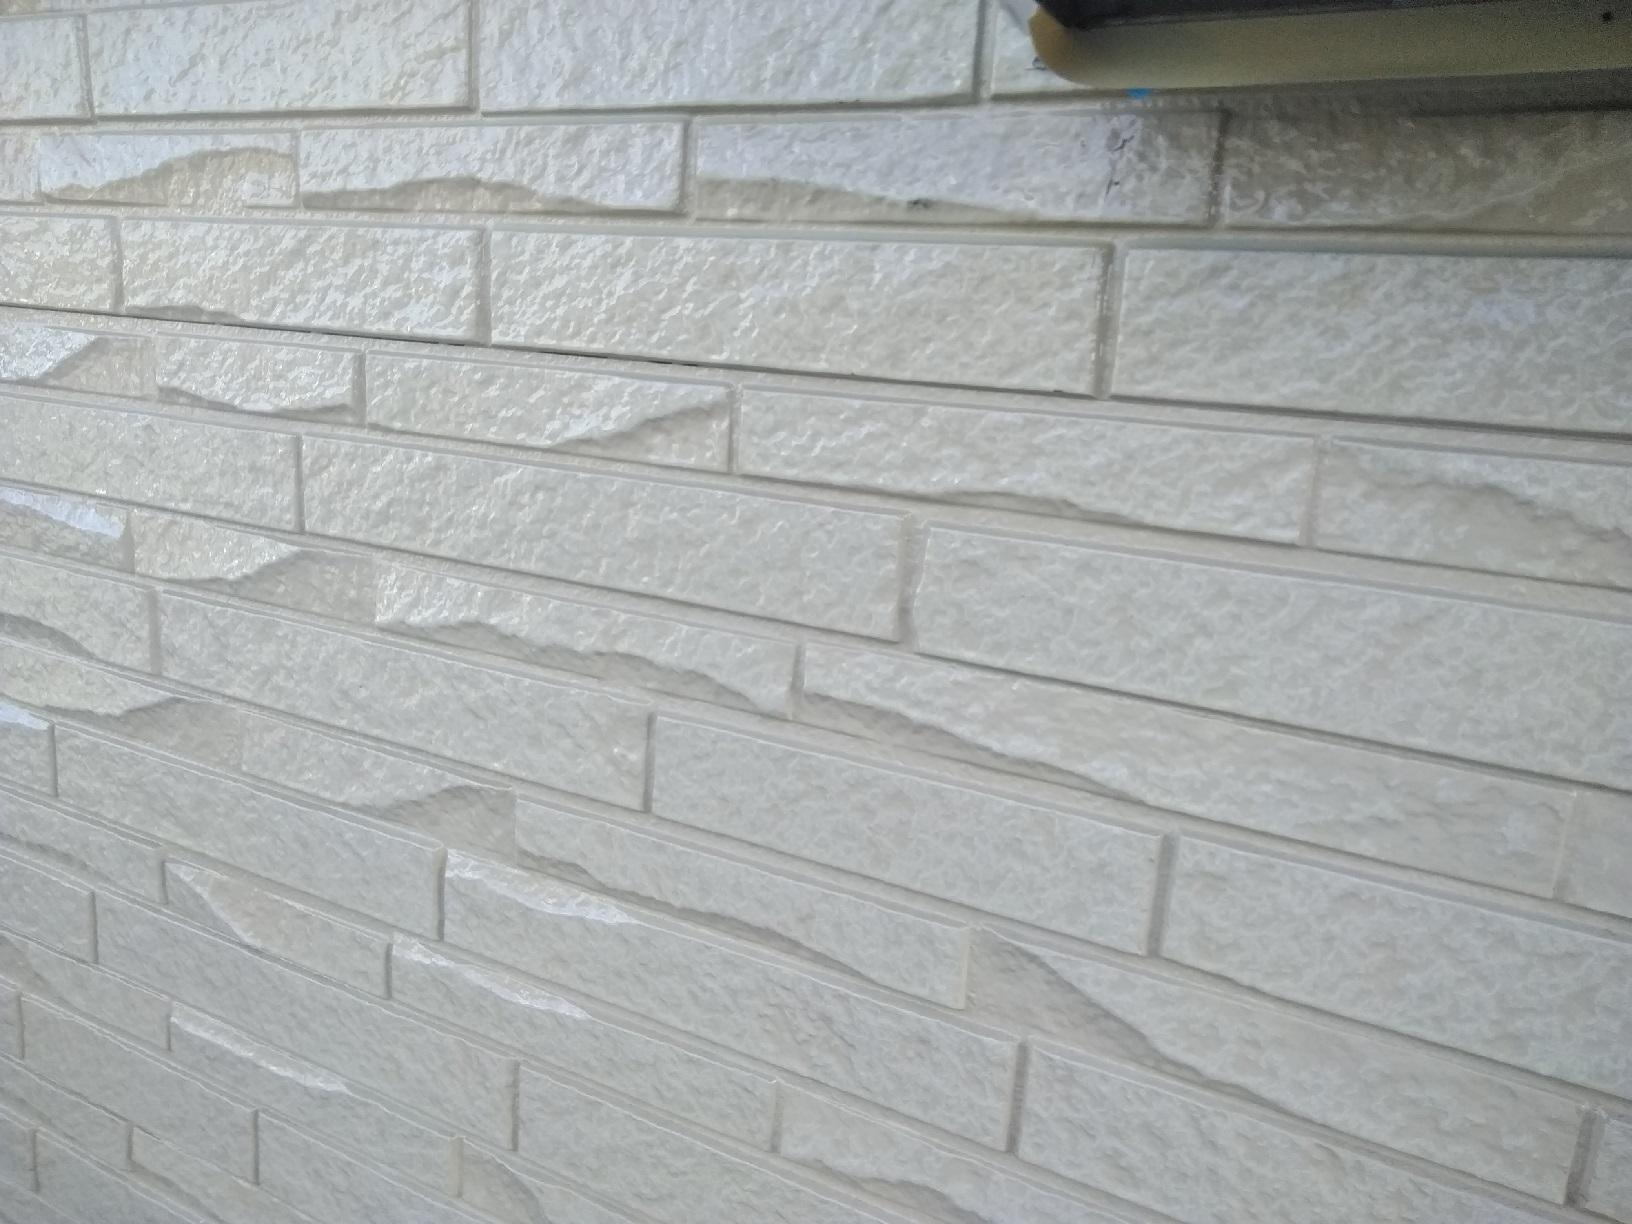 武藤塗装応援 米町 外壁下塗り1